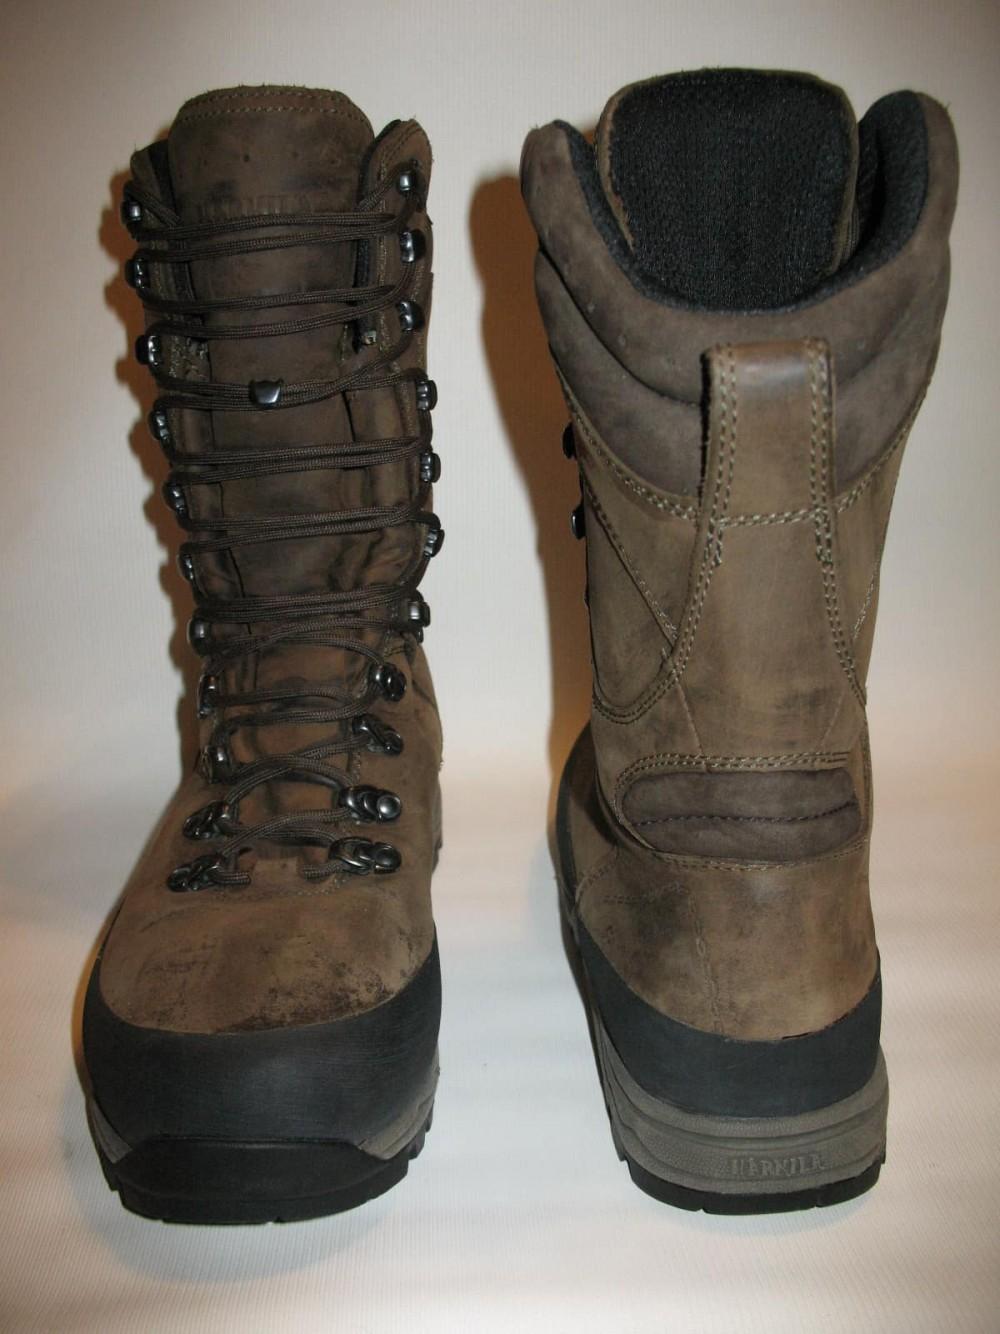 Ботинки HARKILA pro hunter GTX 12 hunter boots (размер UK9/US10/EU43(на стопу до 275 mm)) - 5